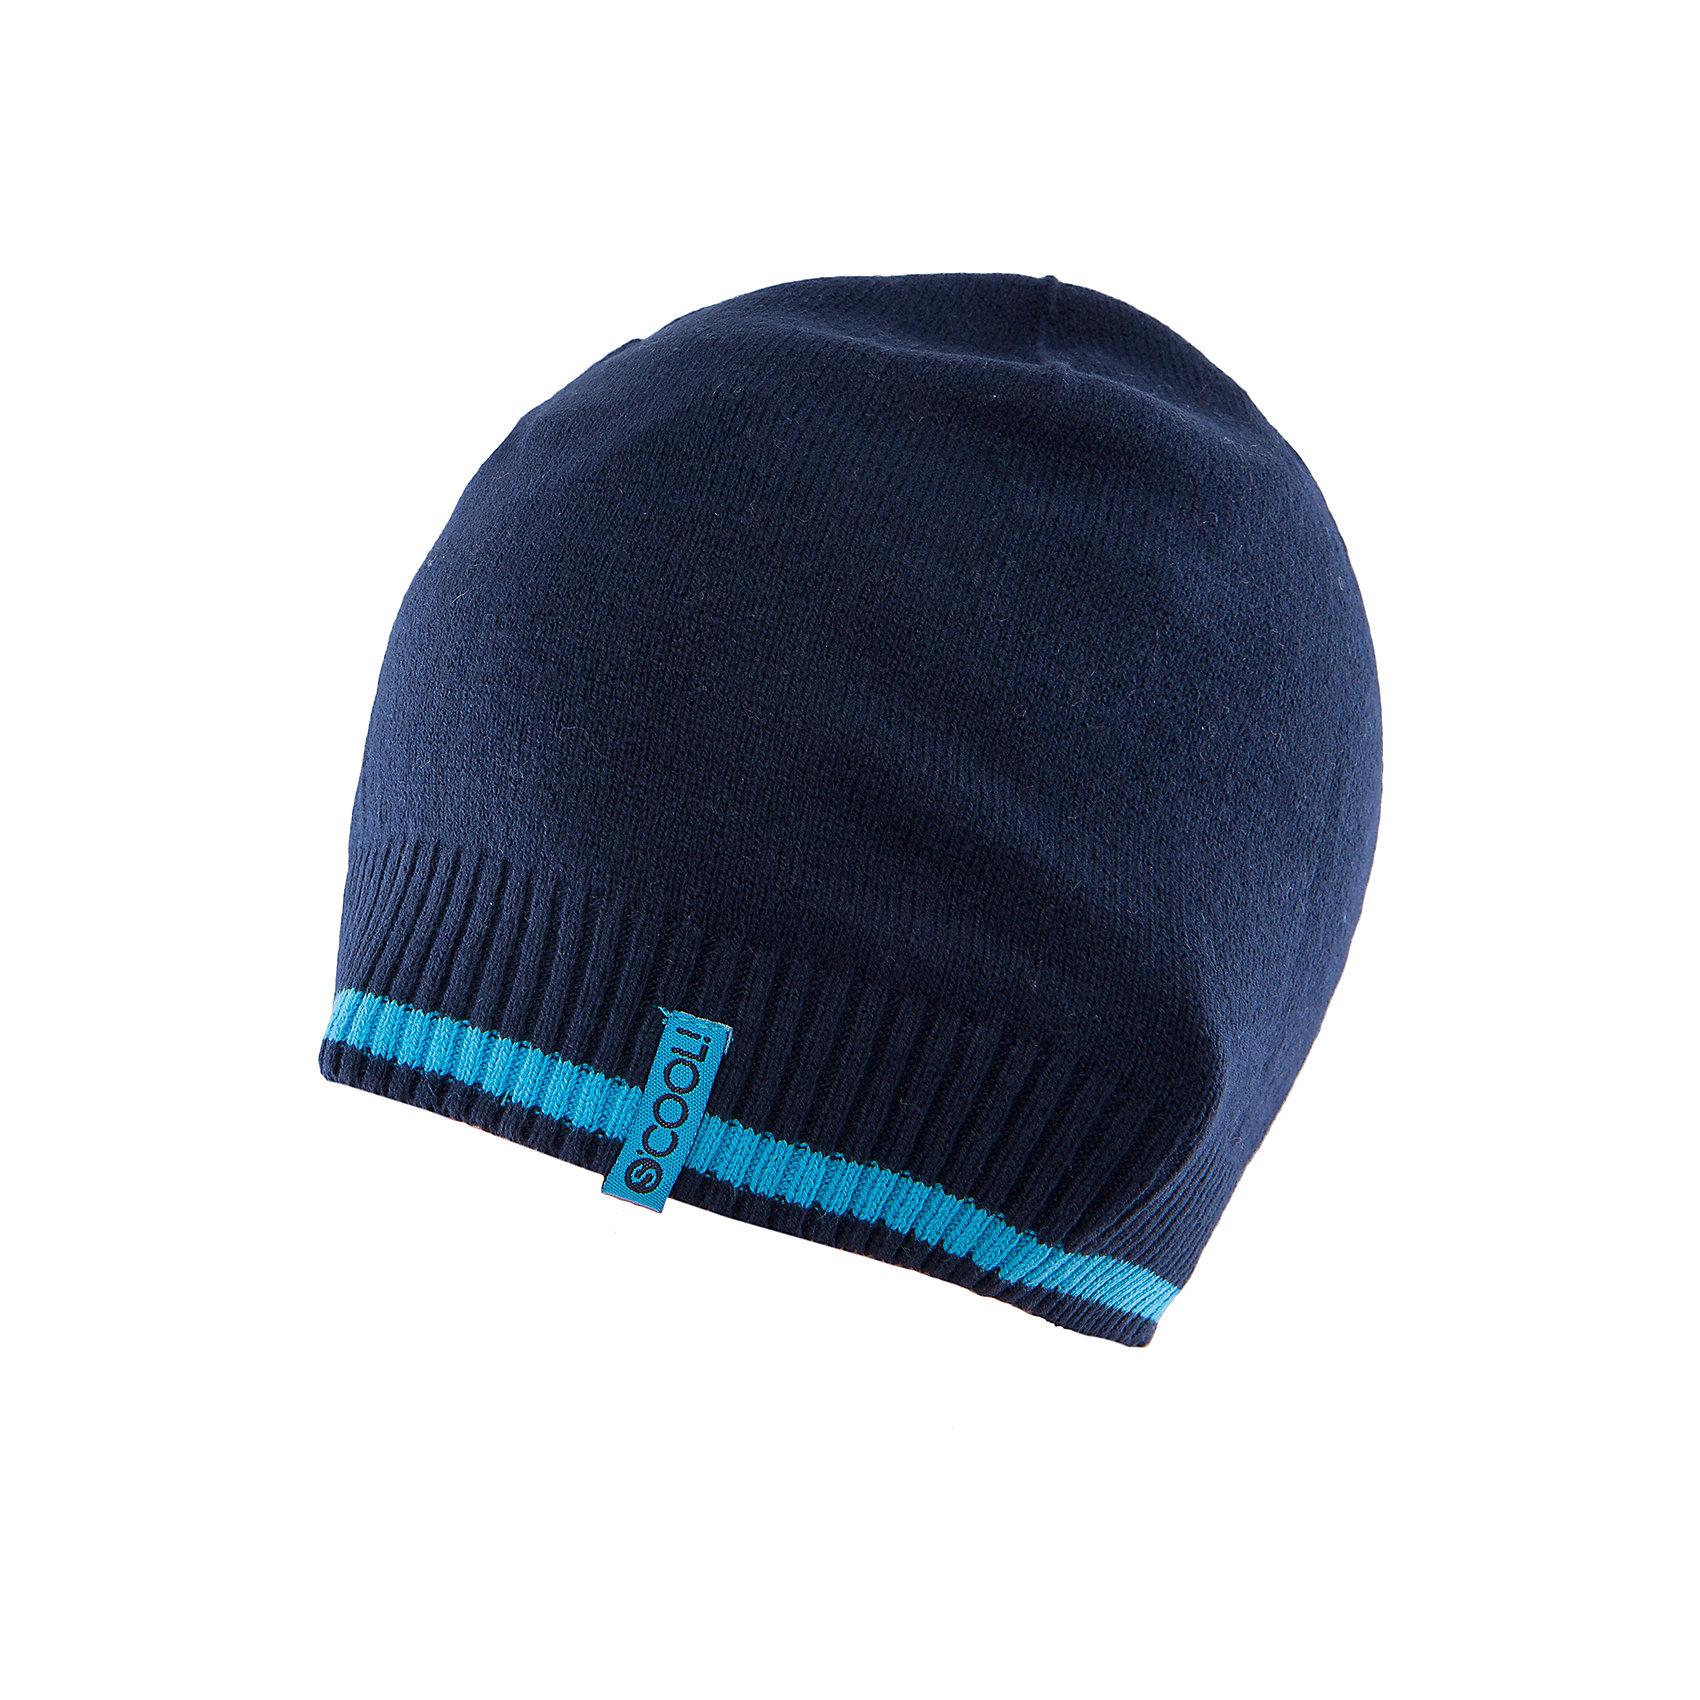 Шапка для мальчика ScoolШапка для мальчика из коллекции «Скорость» от известного бренда Scool. Удобная шапка из вязанного трикотажа на осень/весну. Приятный темно-синий цвет шапки сочетается с голубой полоской на резинке. Мягкий материал приятен для носки и защищает от ветра и холода. Шапка отлично подойдет как к пальто, так и к пуховикам и курткам. <br><br>Дополнительная информация:<br>- Низ шапки на широкой резинке<br><br>Состав: 60% хлопок, 40% акрил<br><br>Шапку для мальчика Scool можно купить в нашем интернет-магазине.<br><br>Подробнее:<br>• Для детей в возрасте: от 8 до 14 лет<br>• Номер товара: 4911517<br>Страна производитель: Китай<br><br>Ширина мм: 89<br>Глубина мм: 117<br>Высота мм: 44<br>Вес г: 155<br>Цвет: разноцветный<br>Возраст от месяцев: 72<br>Возраст до месяцев: 84<br>Пол: Мужской<br>Возраст: Детский<br>Размер: 54,56<br>SKU: 4911516